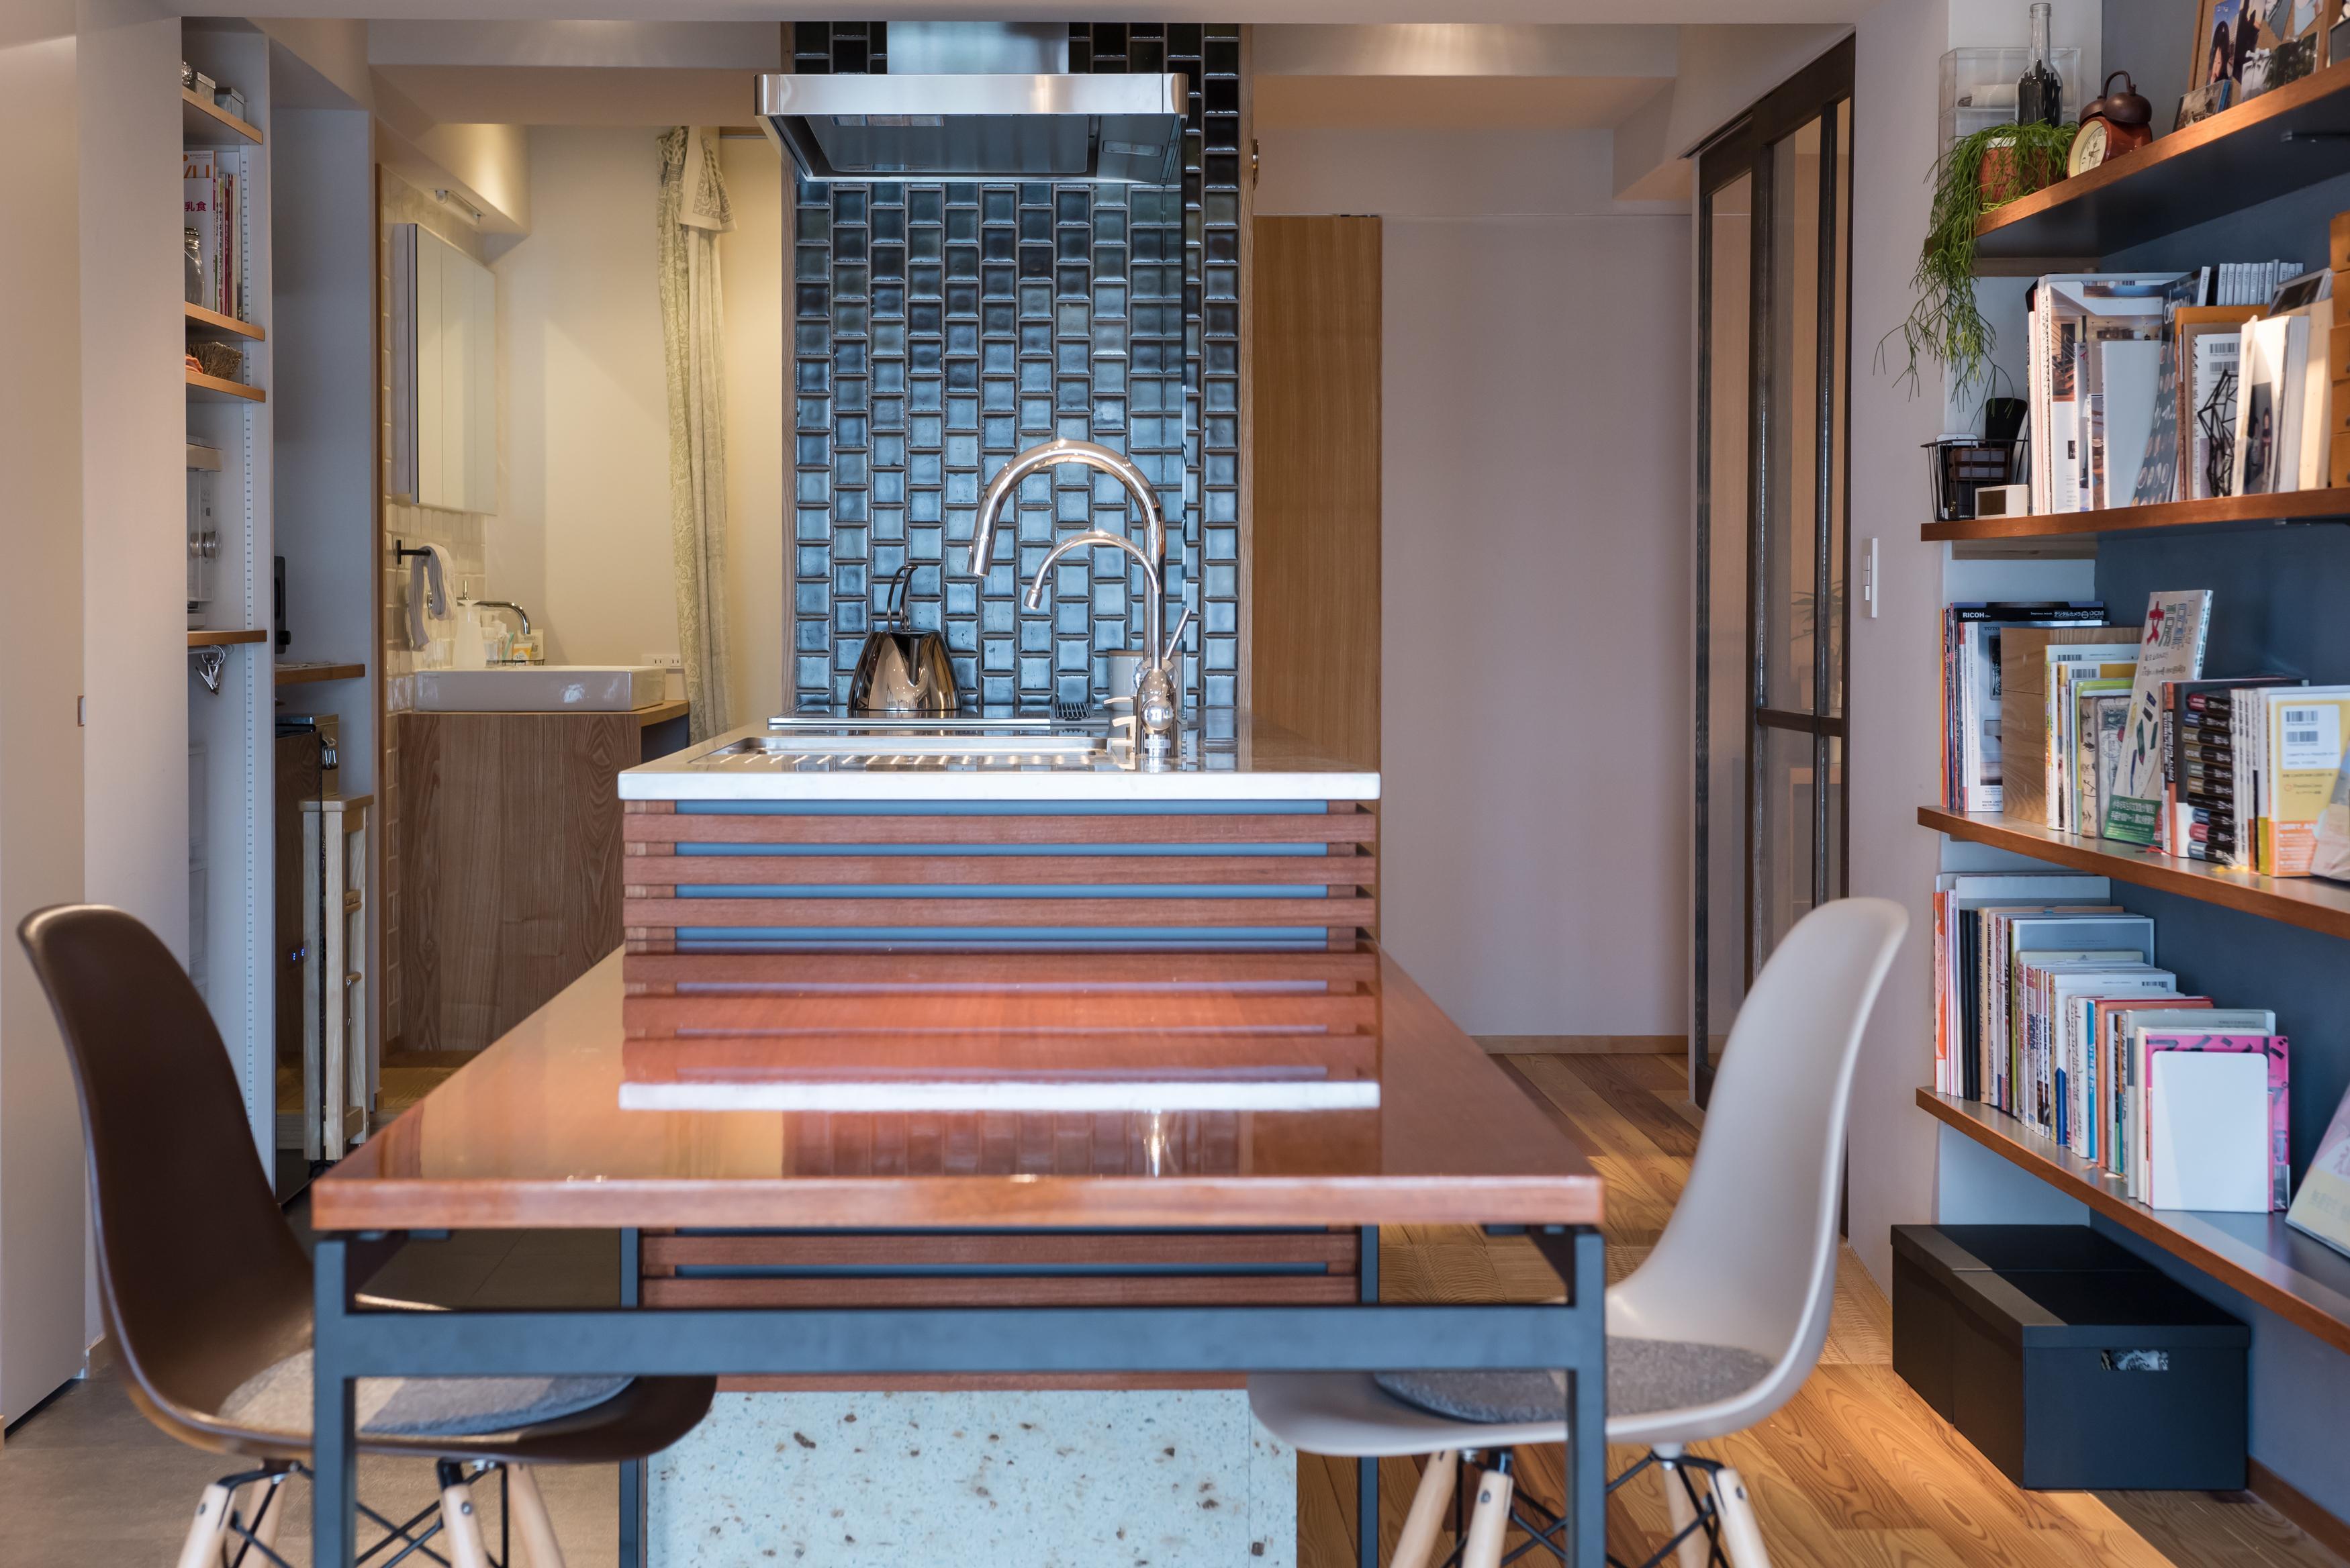 「ハンズデザイン一級建築士事務所」のリノベーション事例「キッチンを家の中心に。シンプルで広がりのある家。」